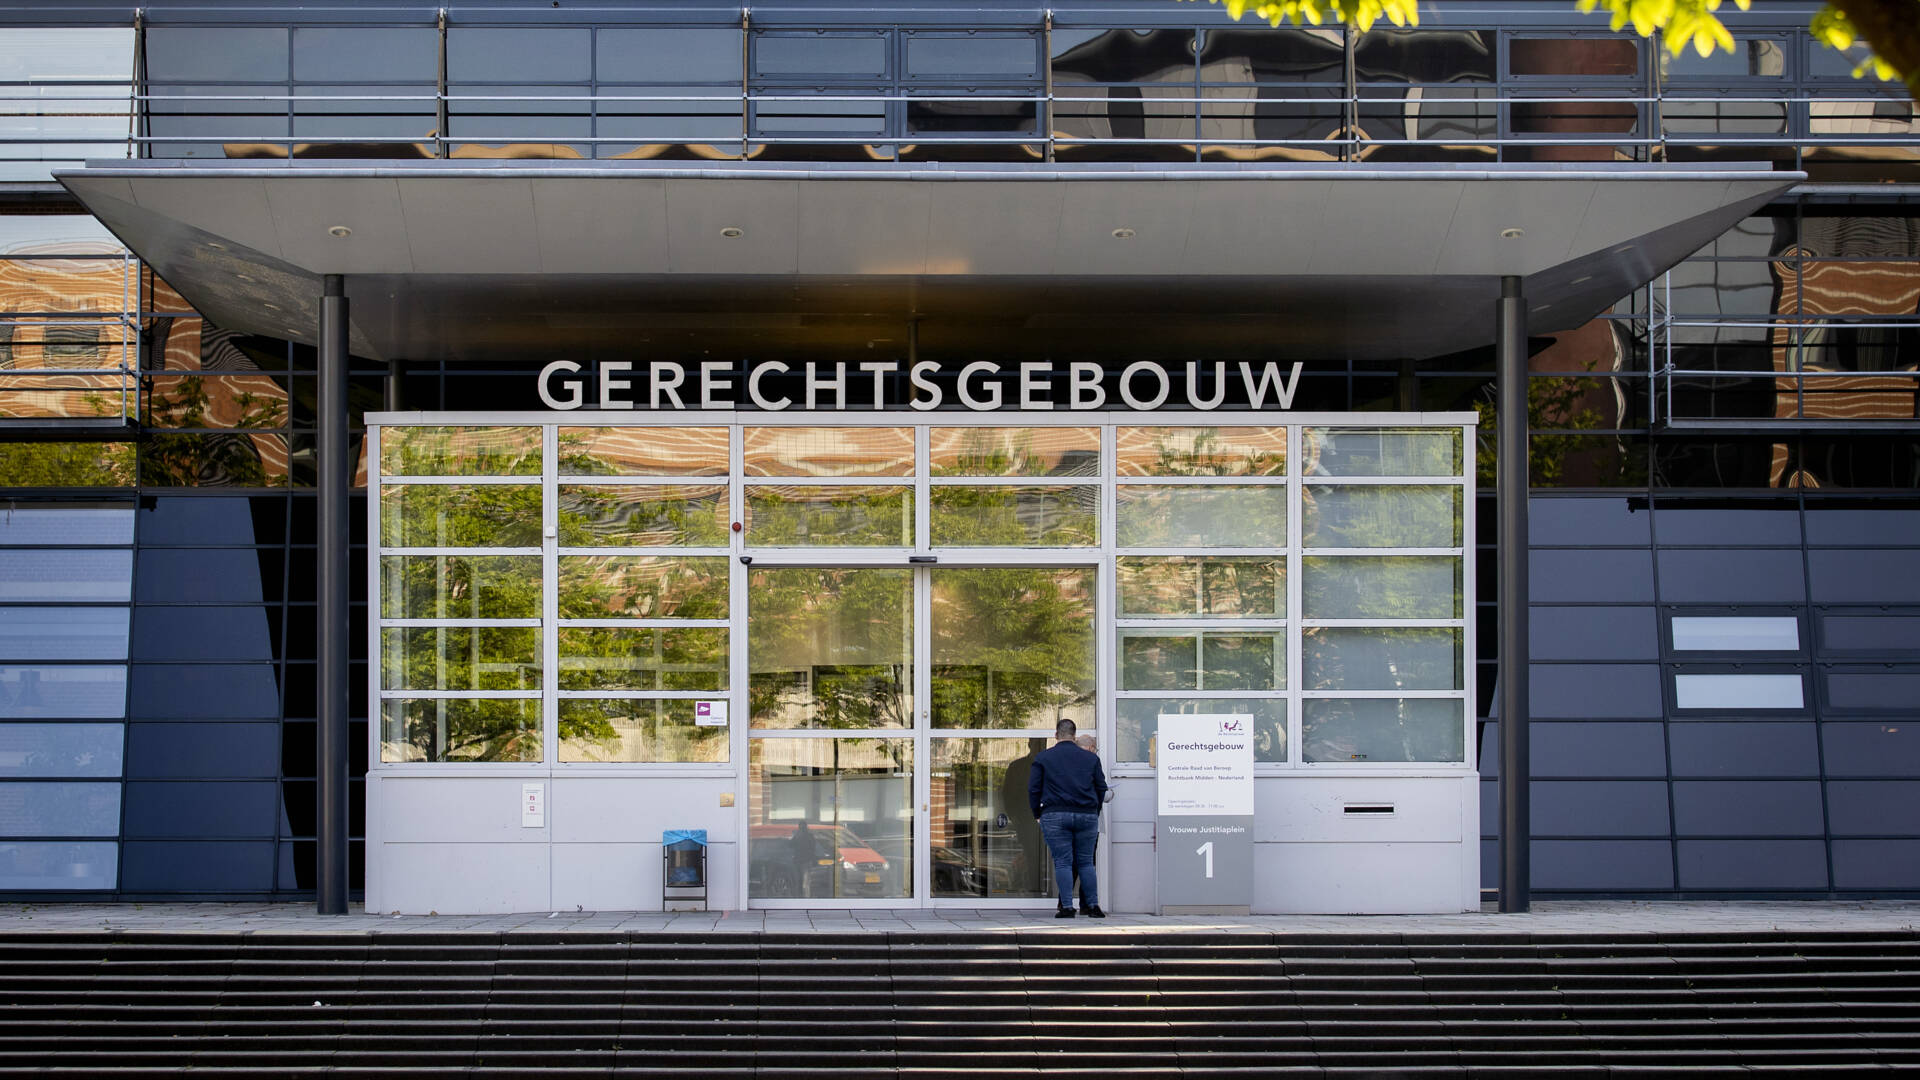 النيابة العامة: رجلان من Utrecht يديرون بيوت دعارة غير قانونية ويسيئون معاملة القاصرين